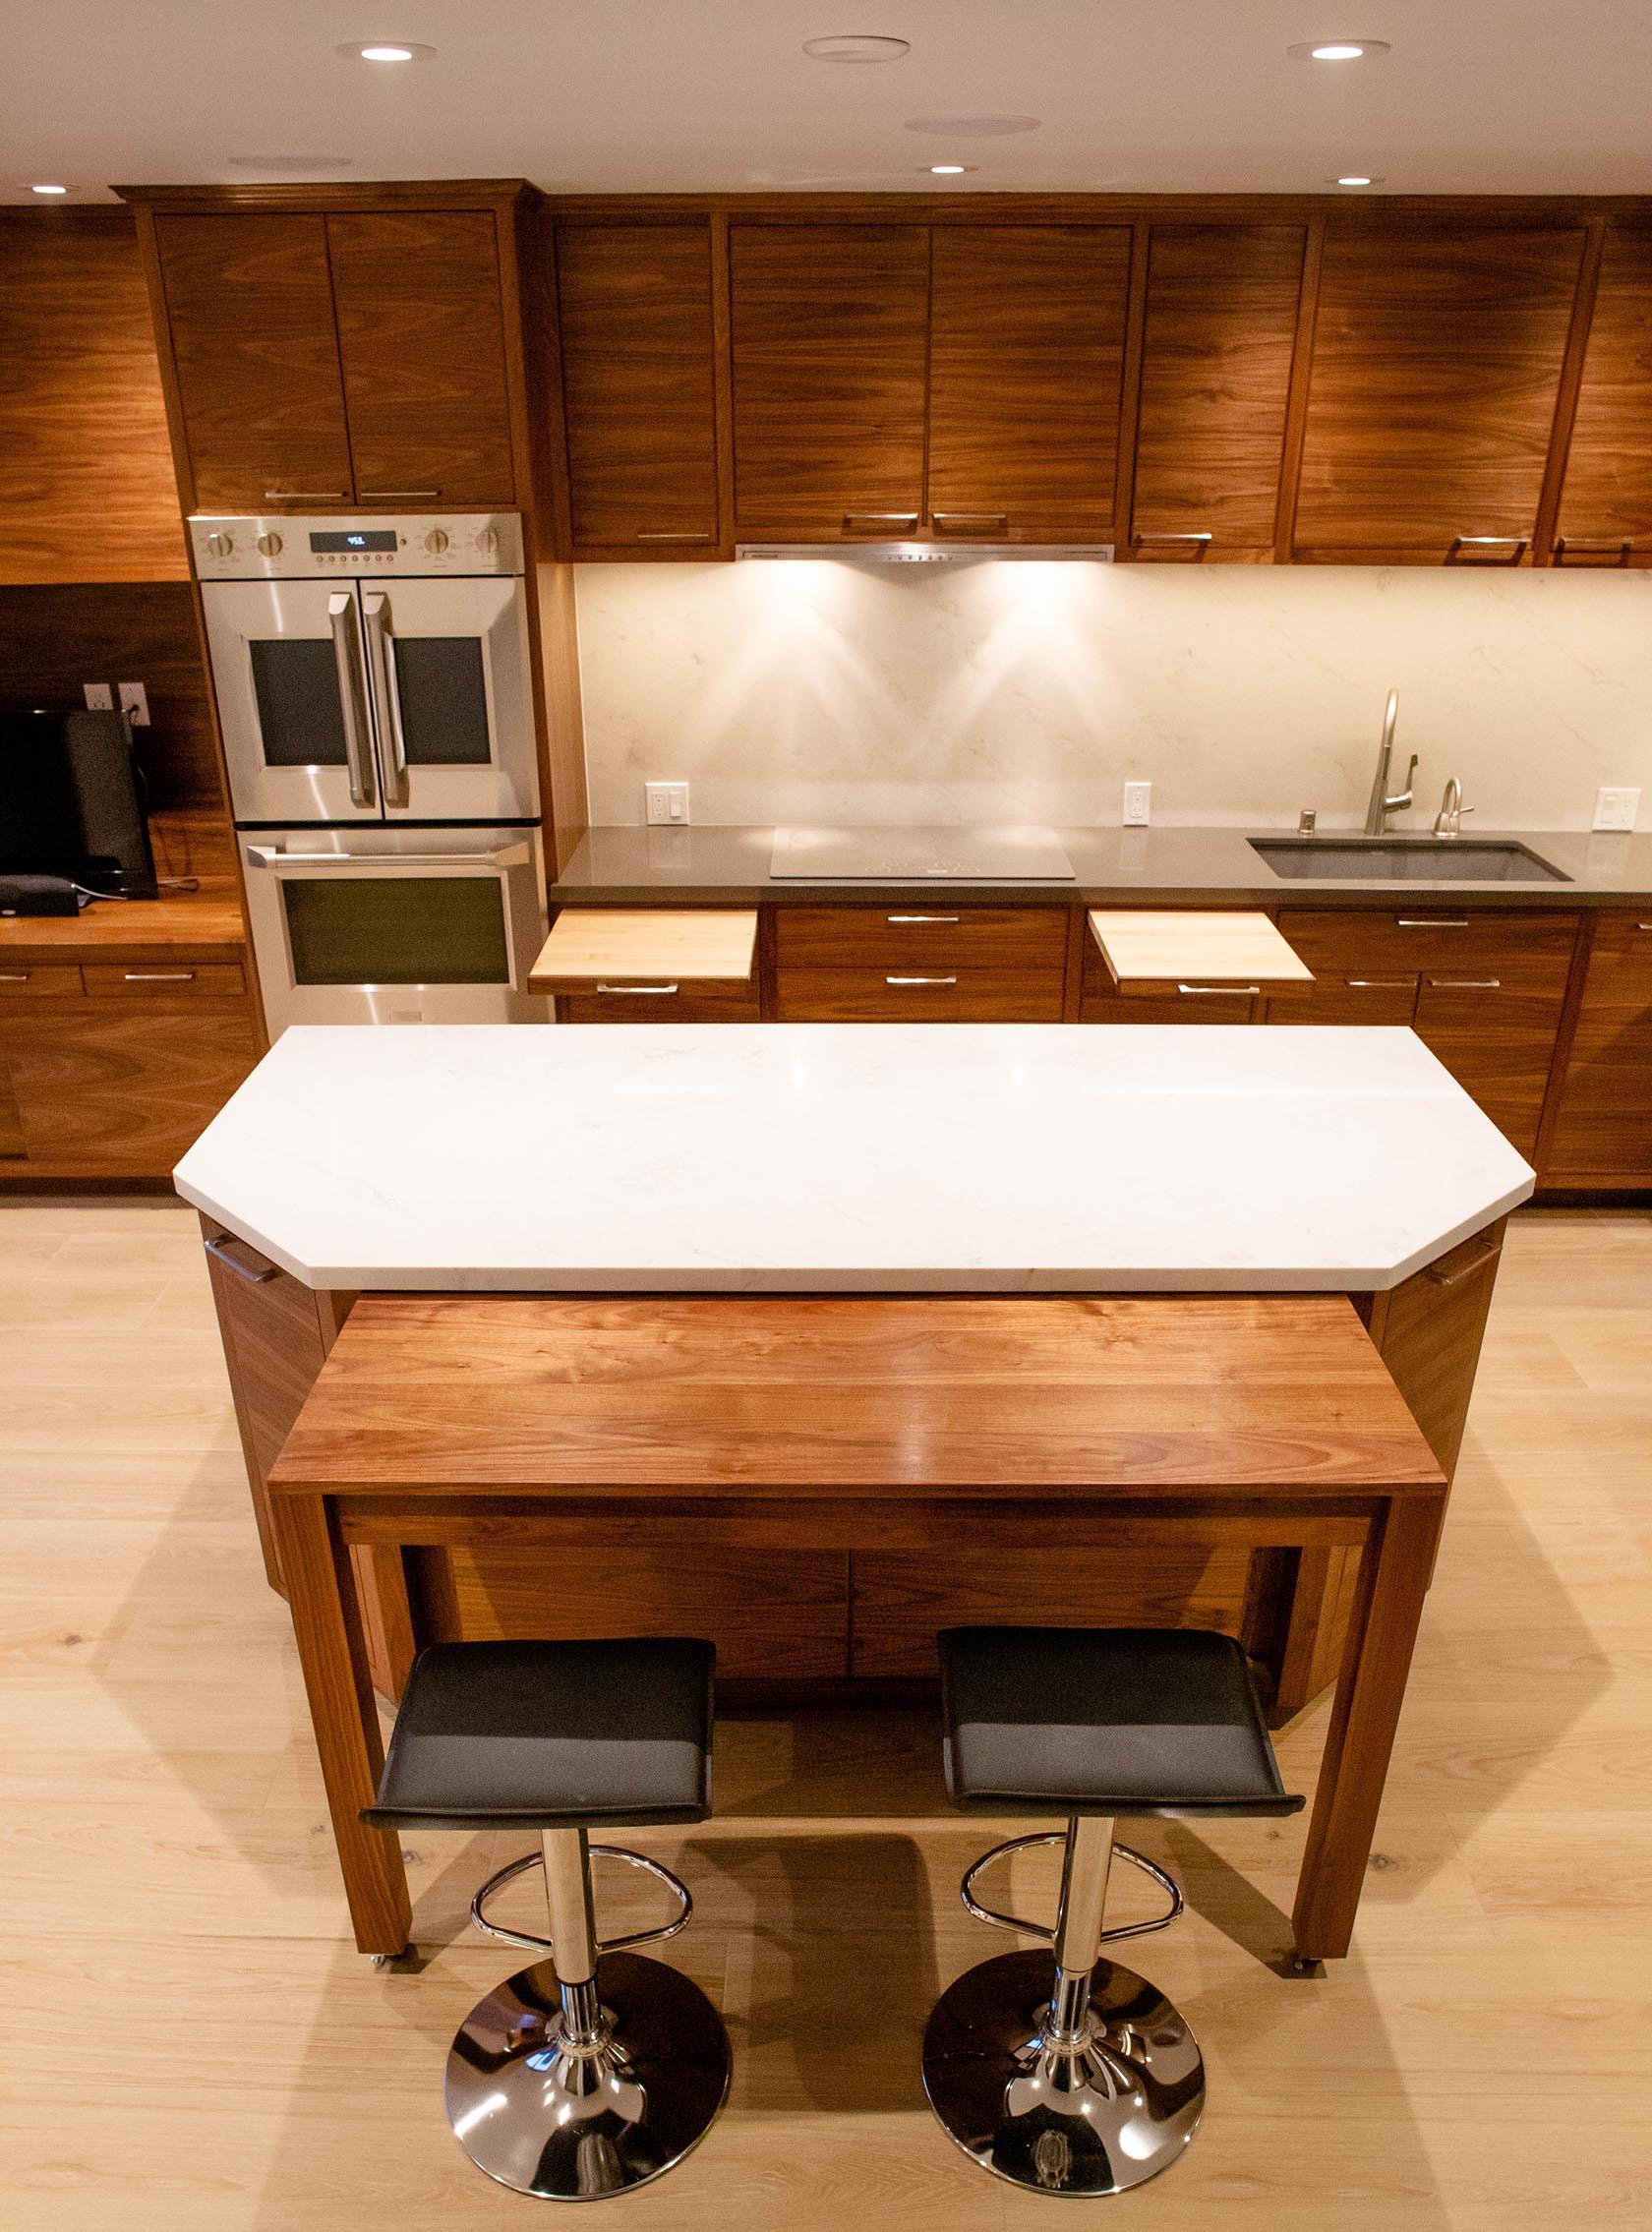 kitchen-birdseye.jpg